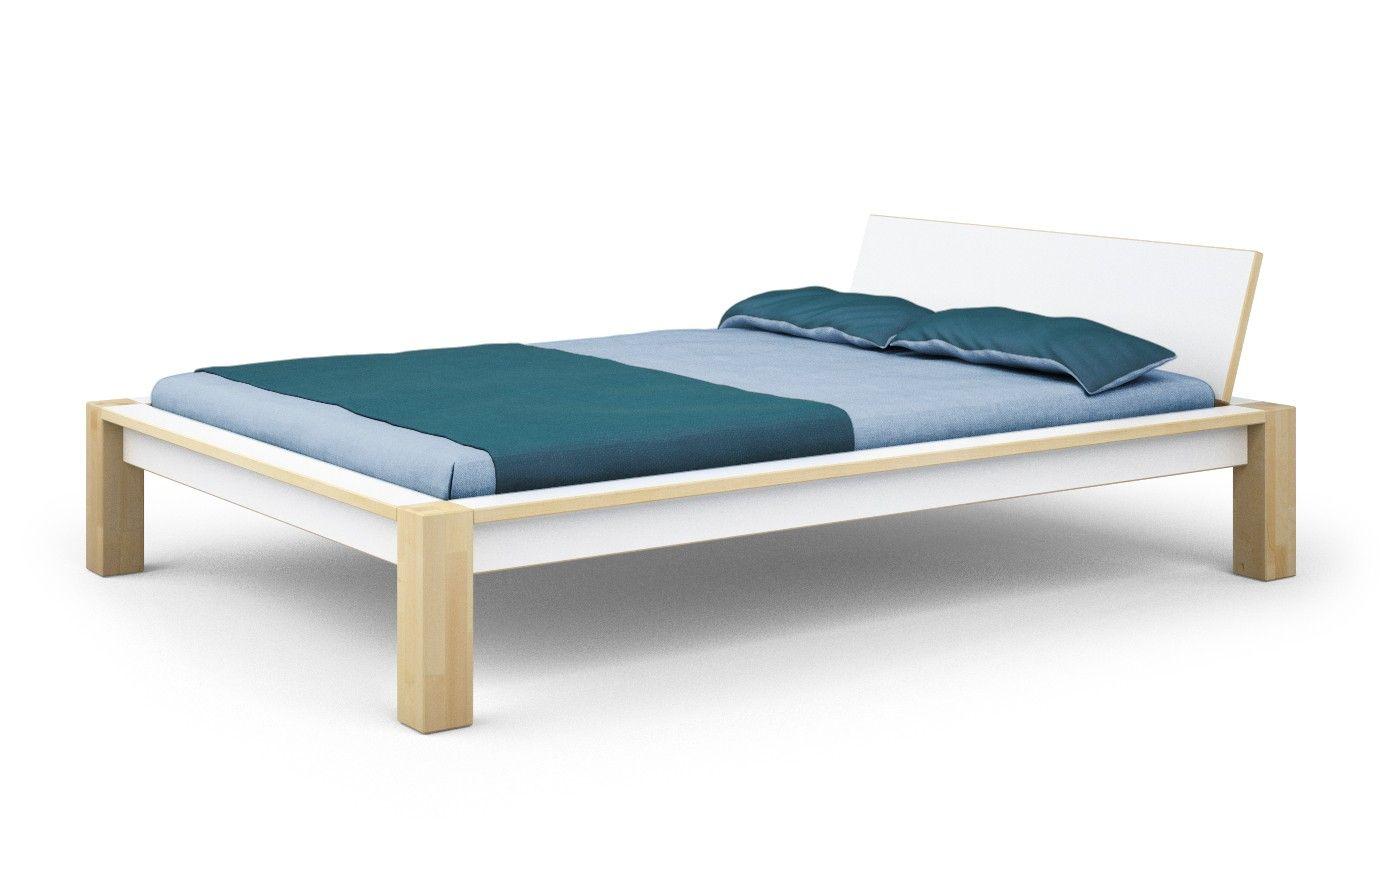 Bett Ahorn Weiss Alfred Nein 100 X 200 Cm Bett Bett 140x200 Bett Aus Paletten